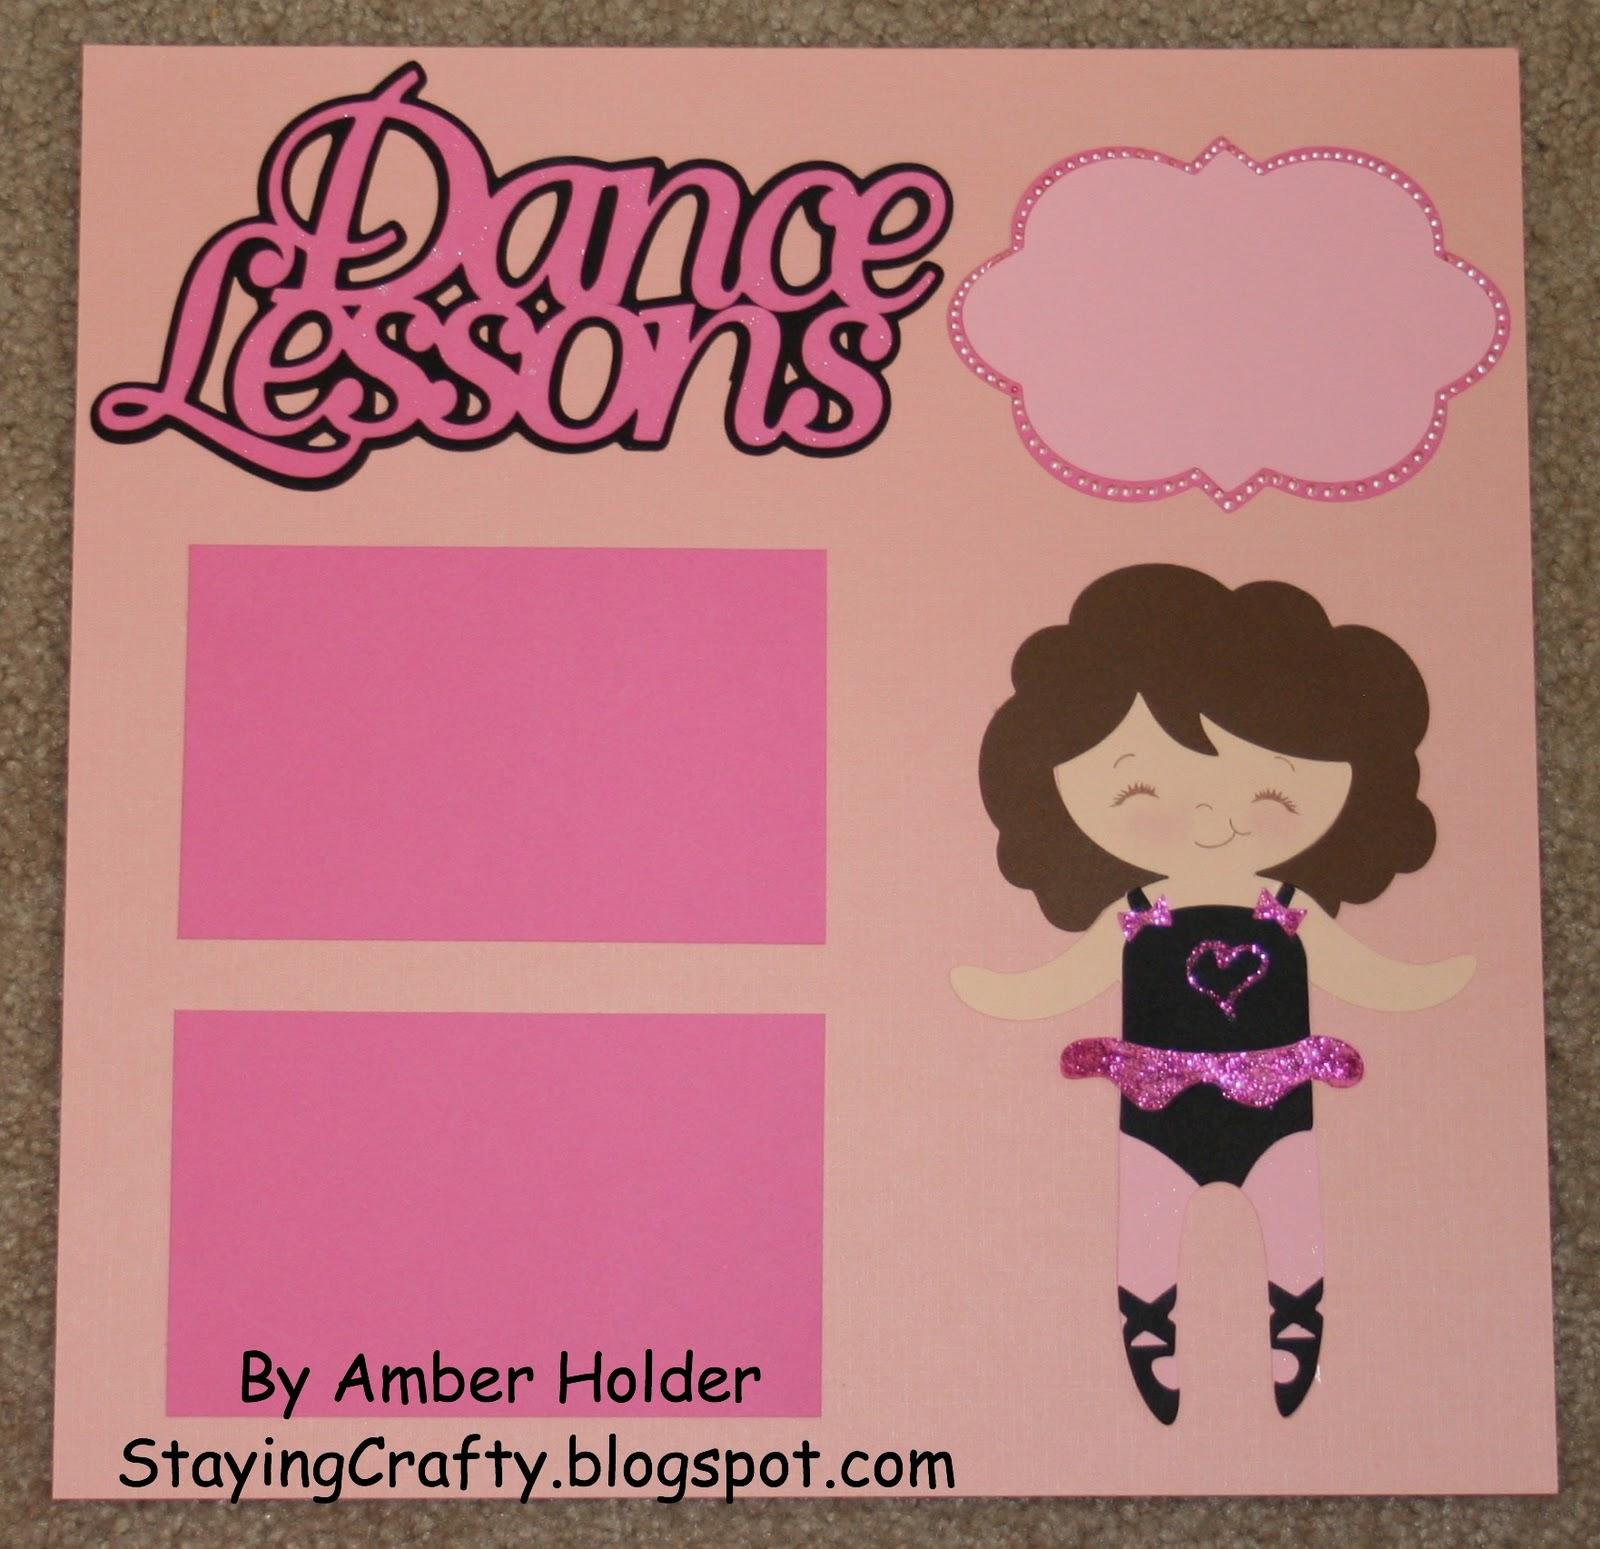 http://1.bp.blogspot.com/-tsTHE7-Pok8/TnzLGq2gKwI/AAAAAAAACYs/2BJxAUk_Aug/s1600/dancelessonslayout.jpg